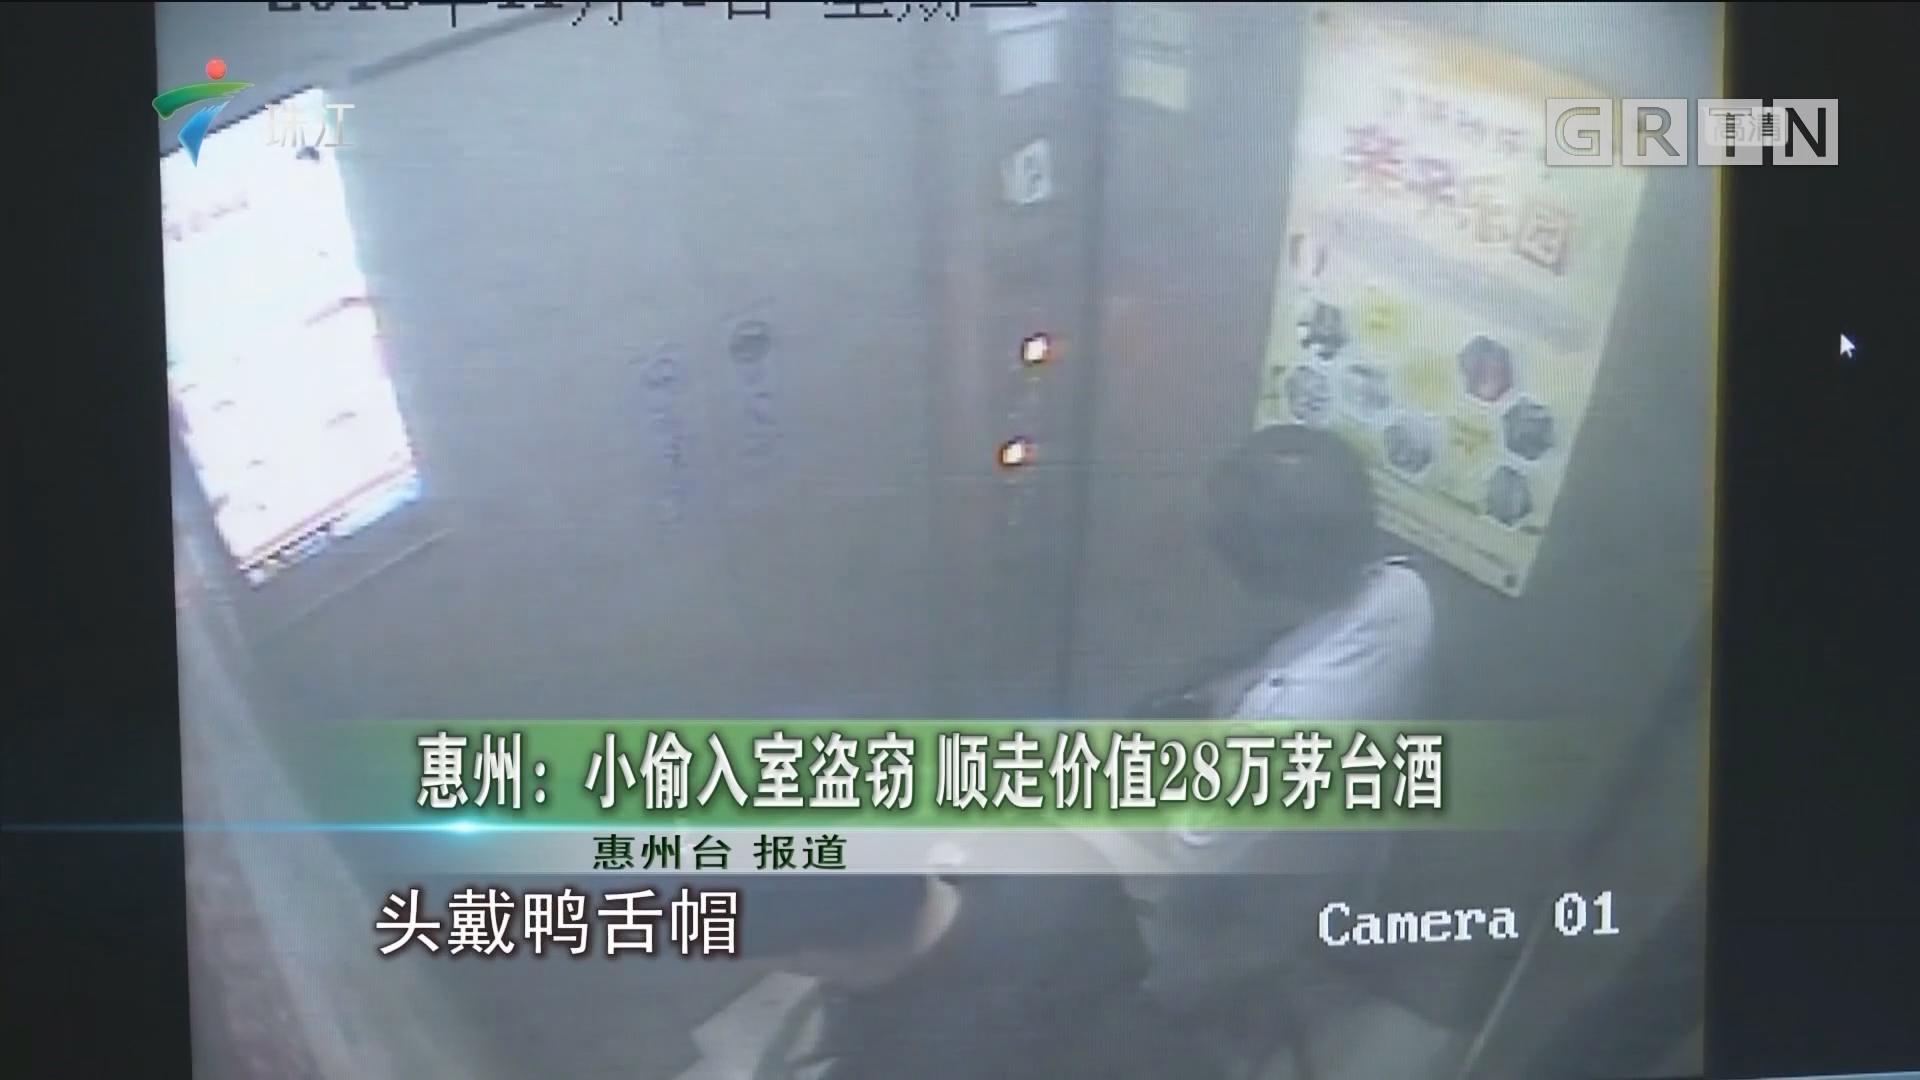 惠州:小偷入室盗窃 顺走价值28万茅台酒